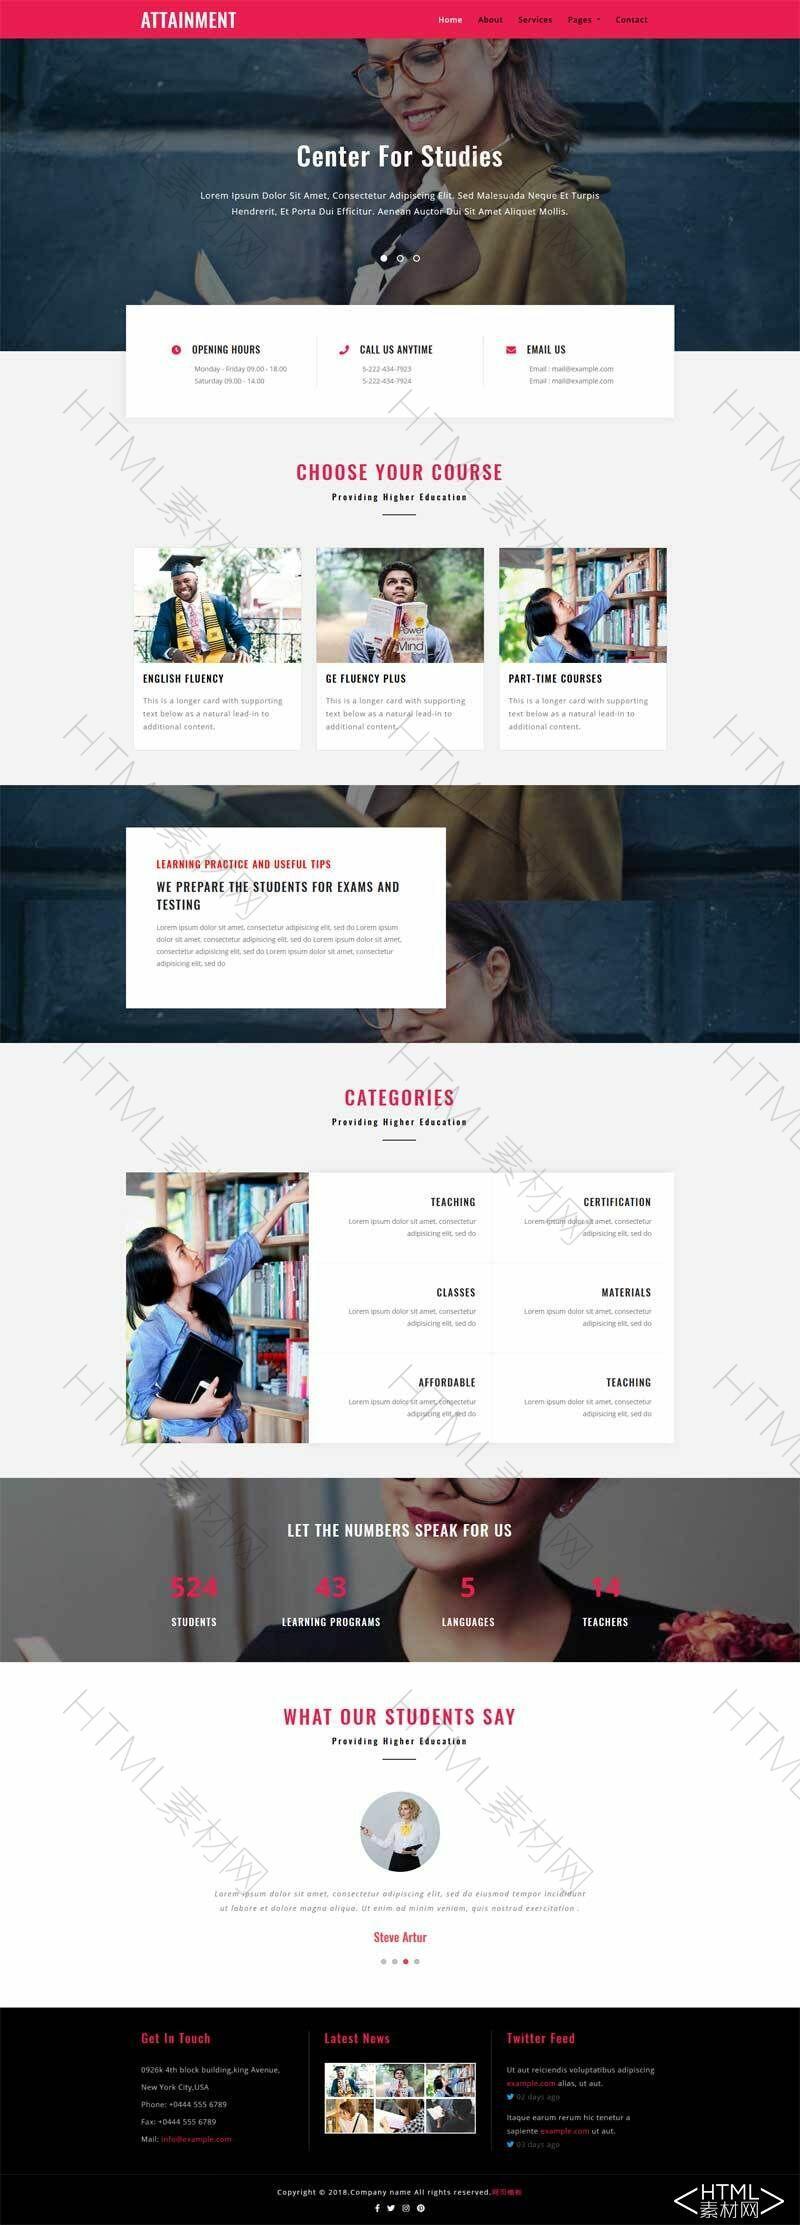 红色的图书馆出版社公司网站模板.jpg